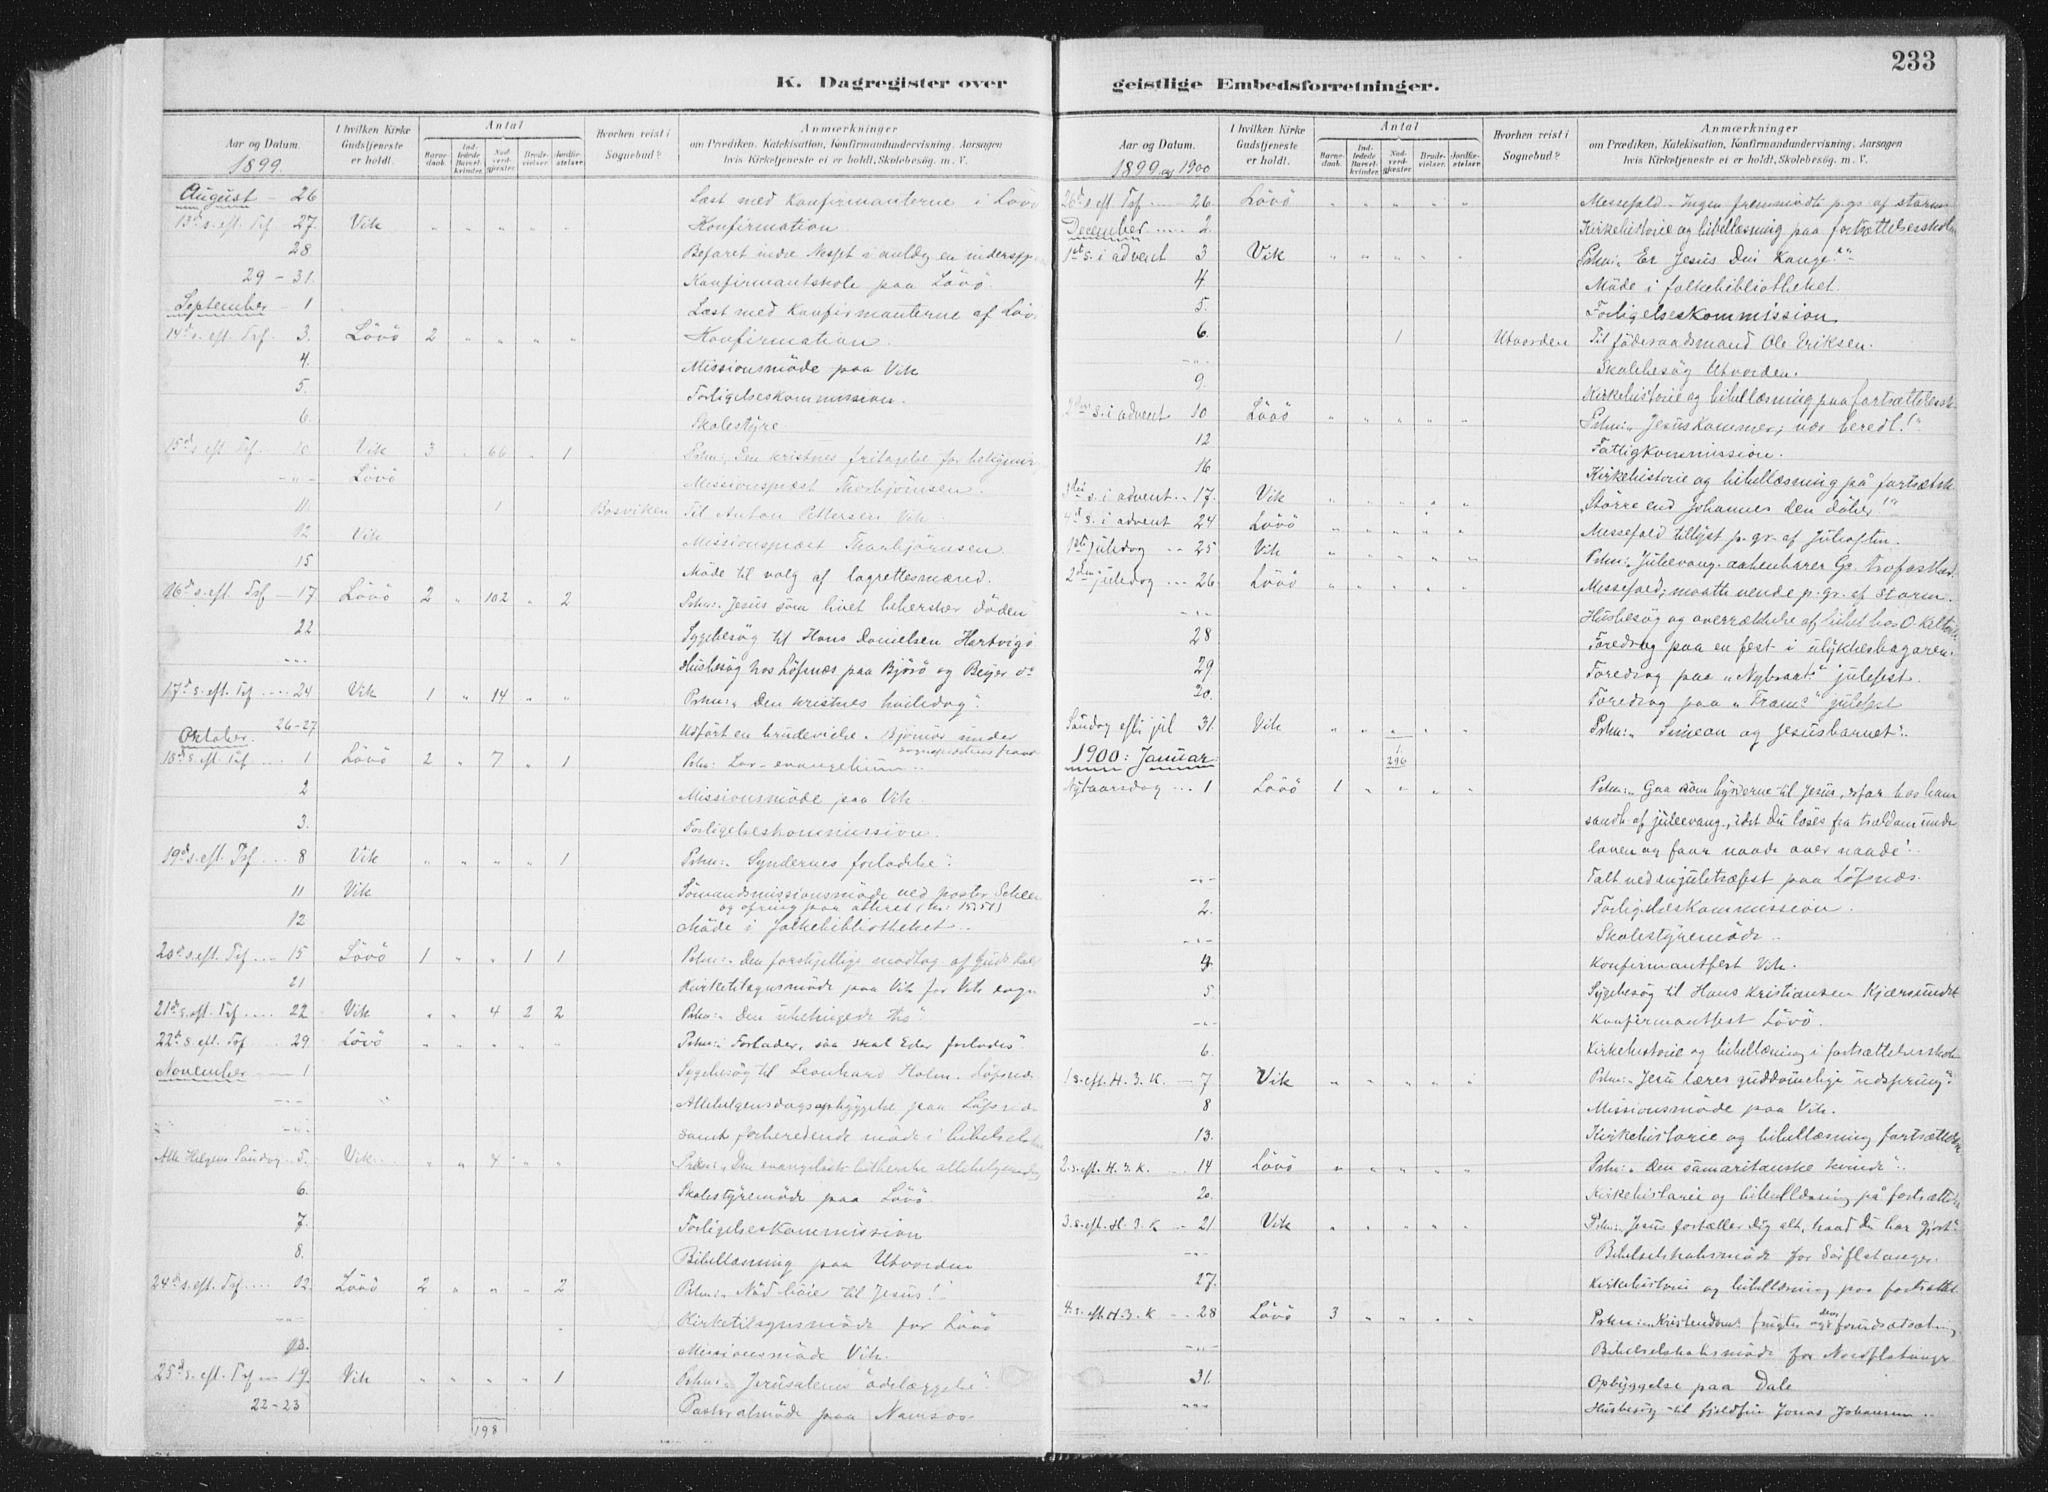 SAT, Ministerialprotokoller, klokkerbøker og fødselsregistre - Nord-Trøndelag, 771/L0597: Ministerialbok nr. 771A04, 1885-1910, s. 233